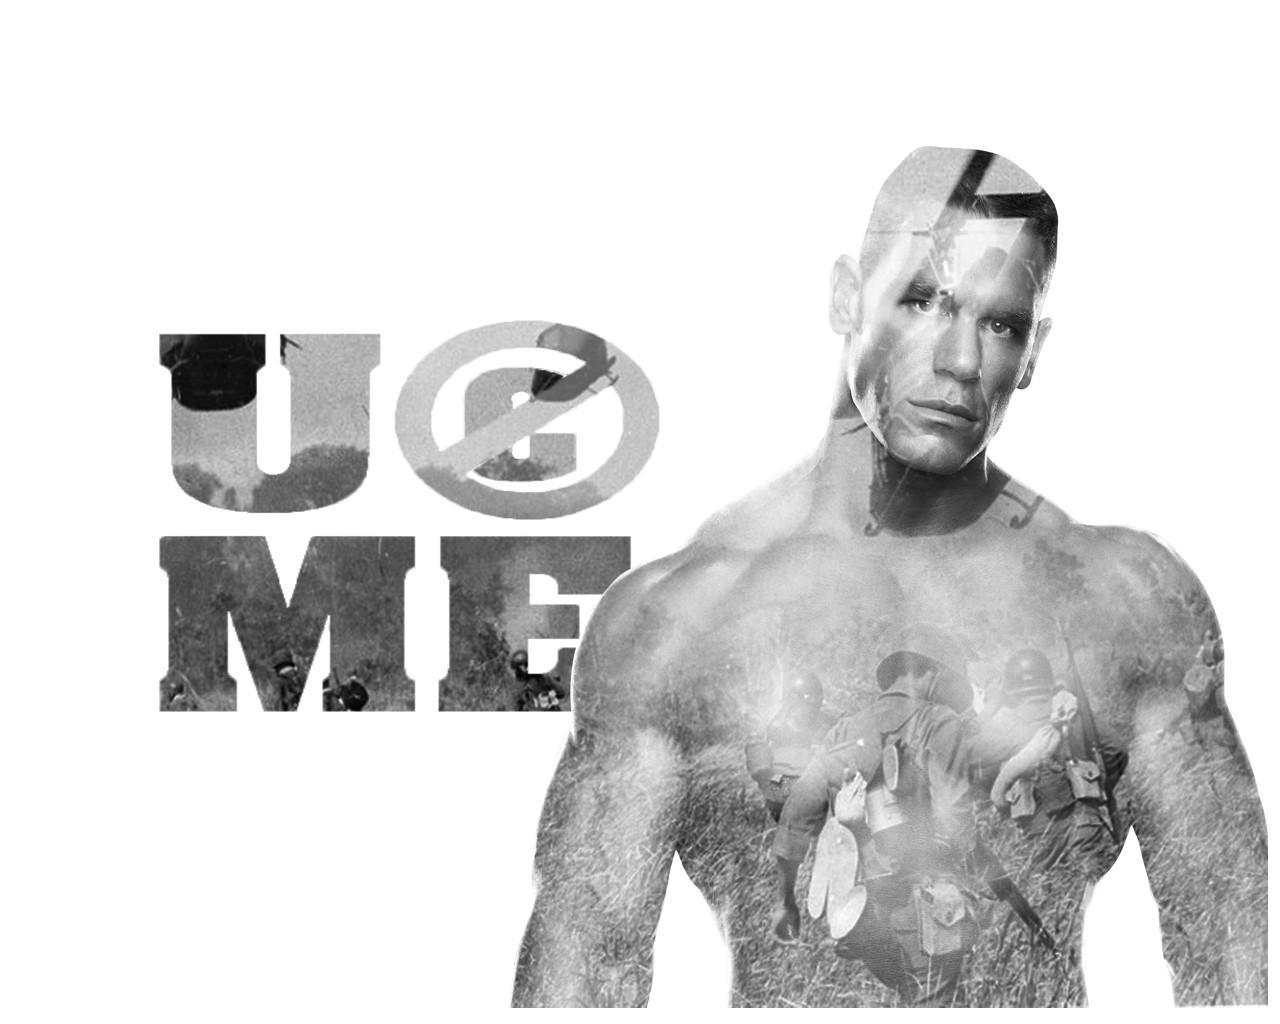 Hintergrundbilder : WWE, Doppelbelichtung, Bodybuilding ...